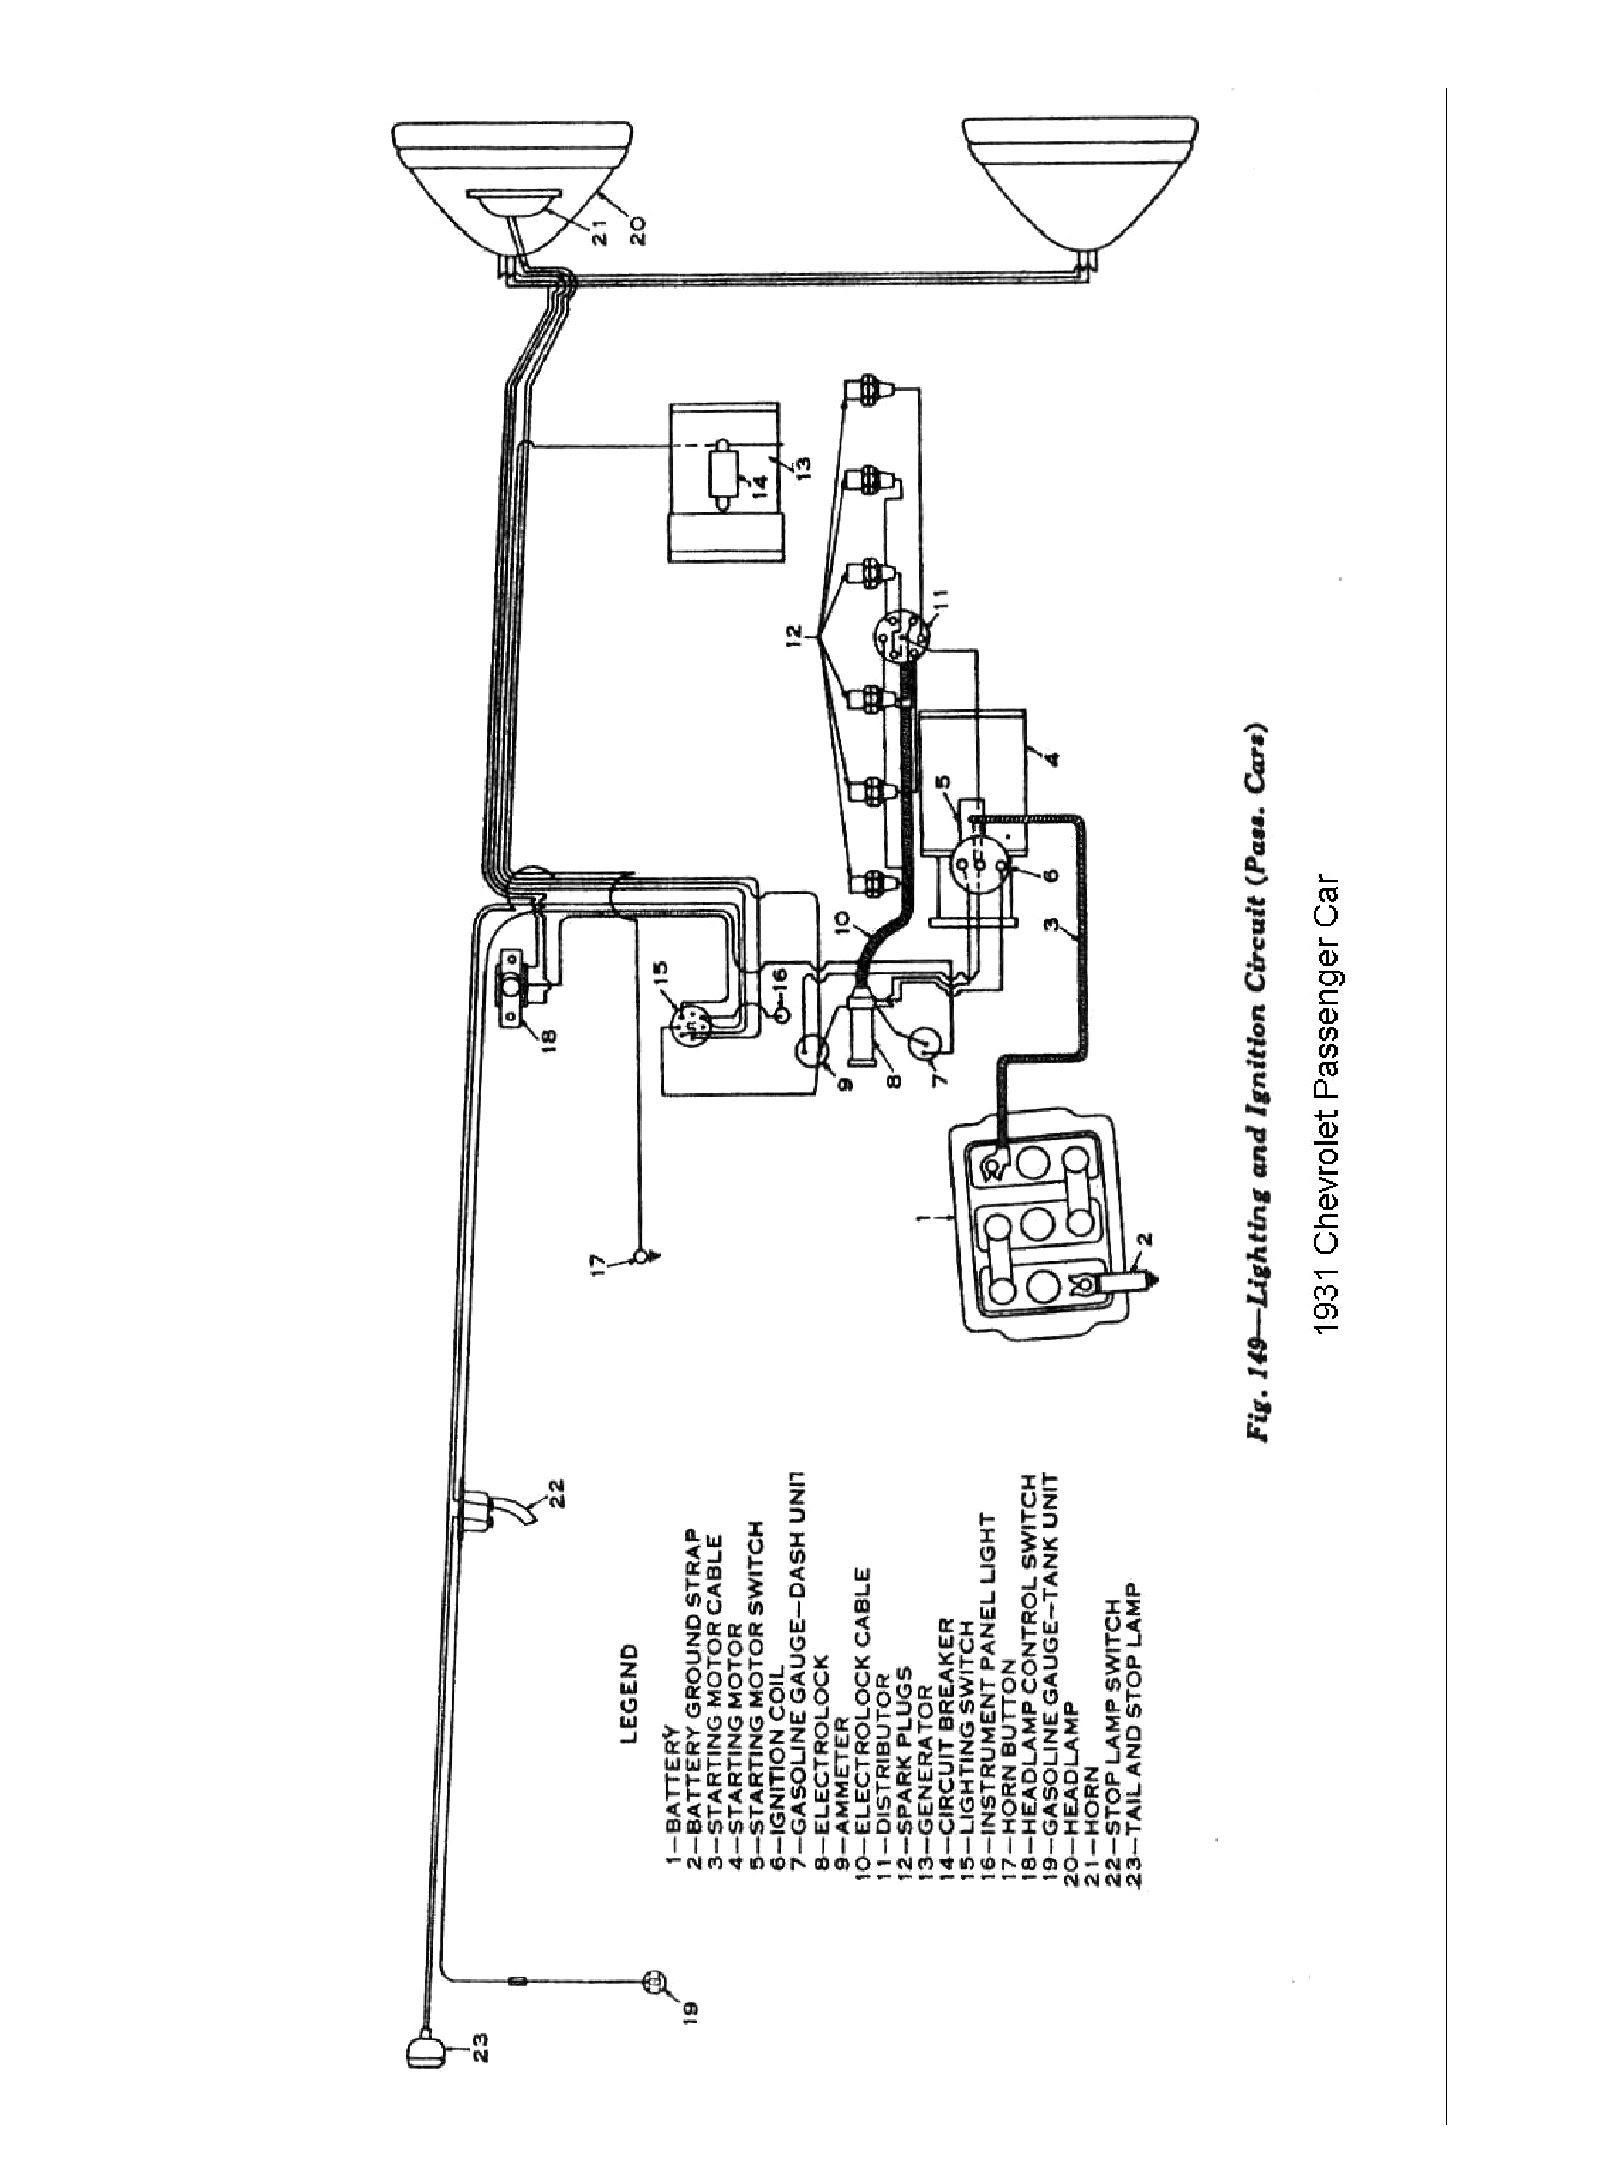 2004 Kia Sorento Spark Plug Wiring Diagram